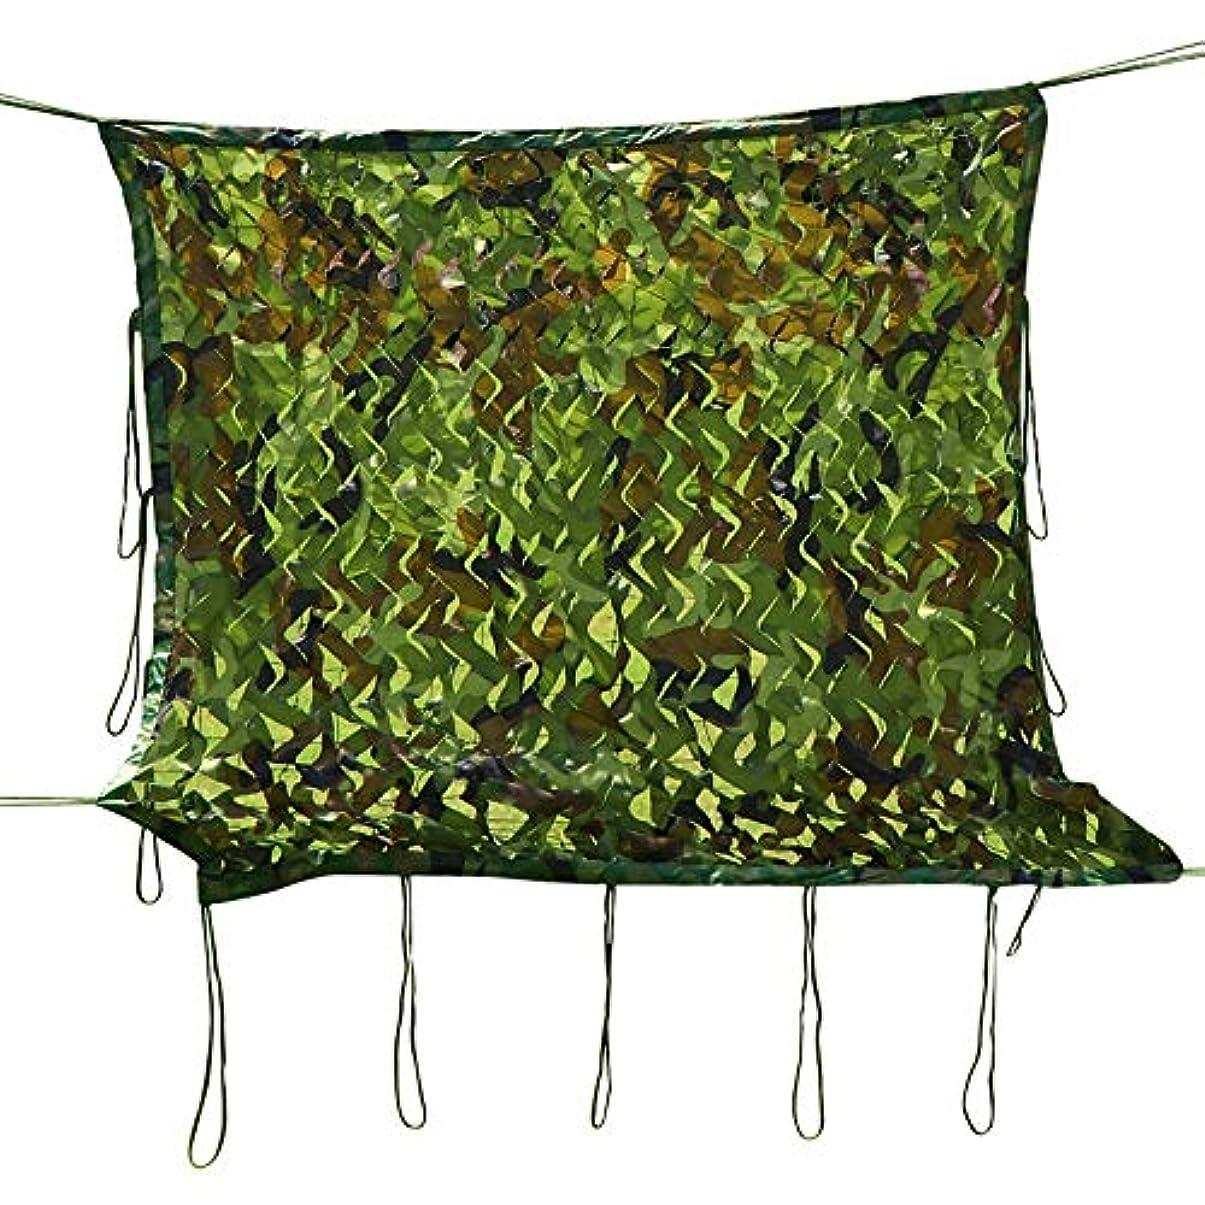 楽しませる主張する滴下PENGJUN ジャングルカモフラージュネット屋外装飾ネット撮影隠しキャンプ軍事2×3メートル (サイズ さいず : 6×9M)